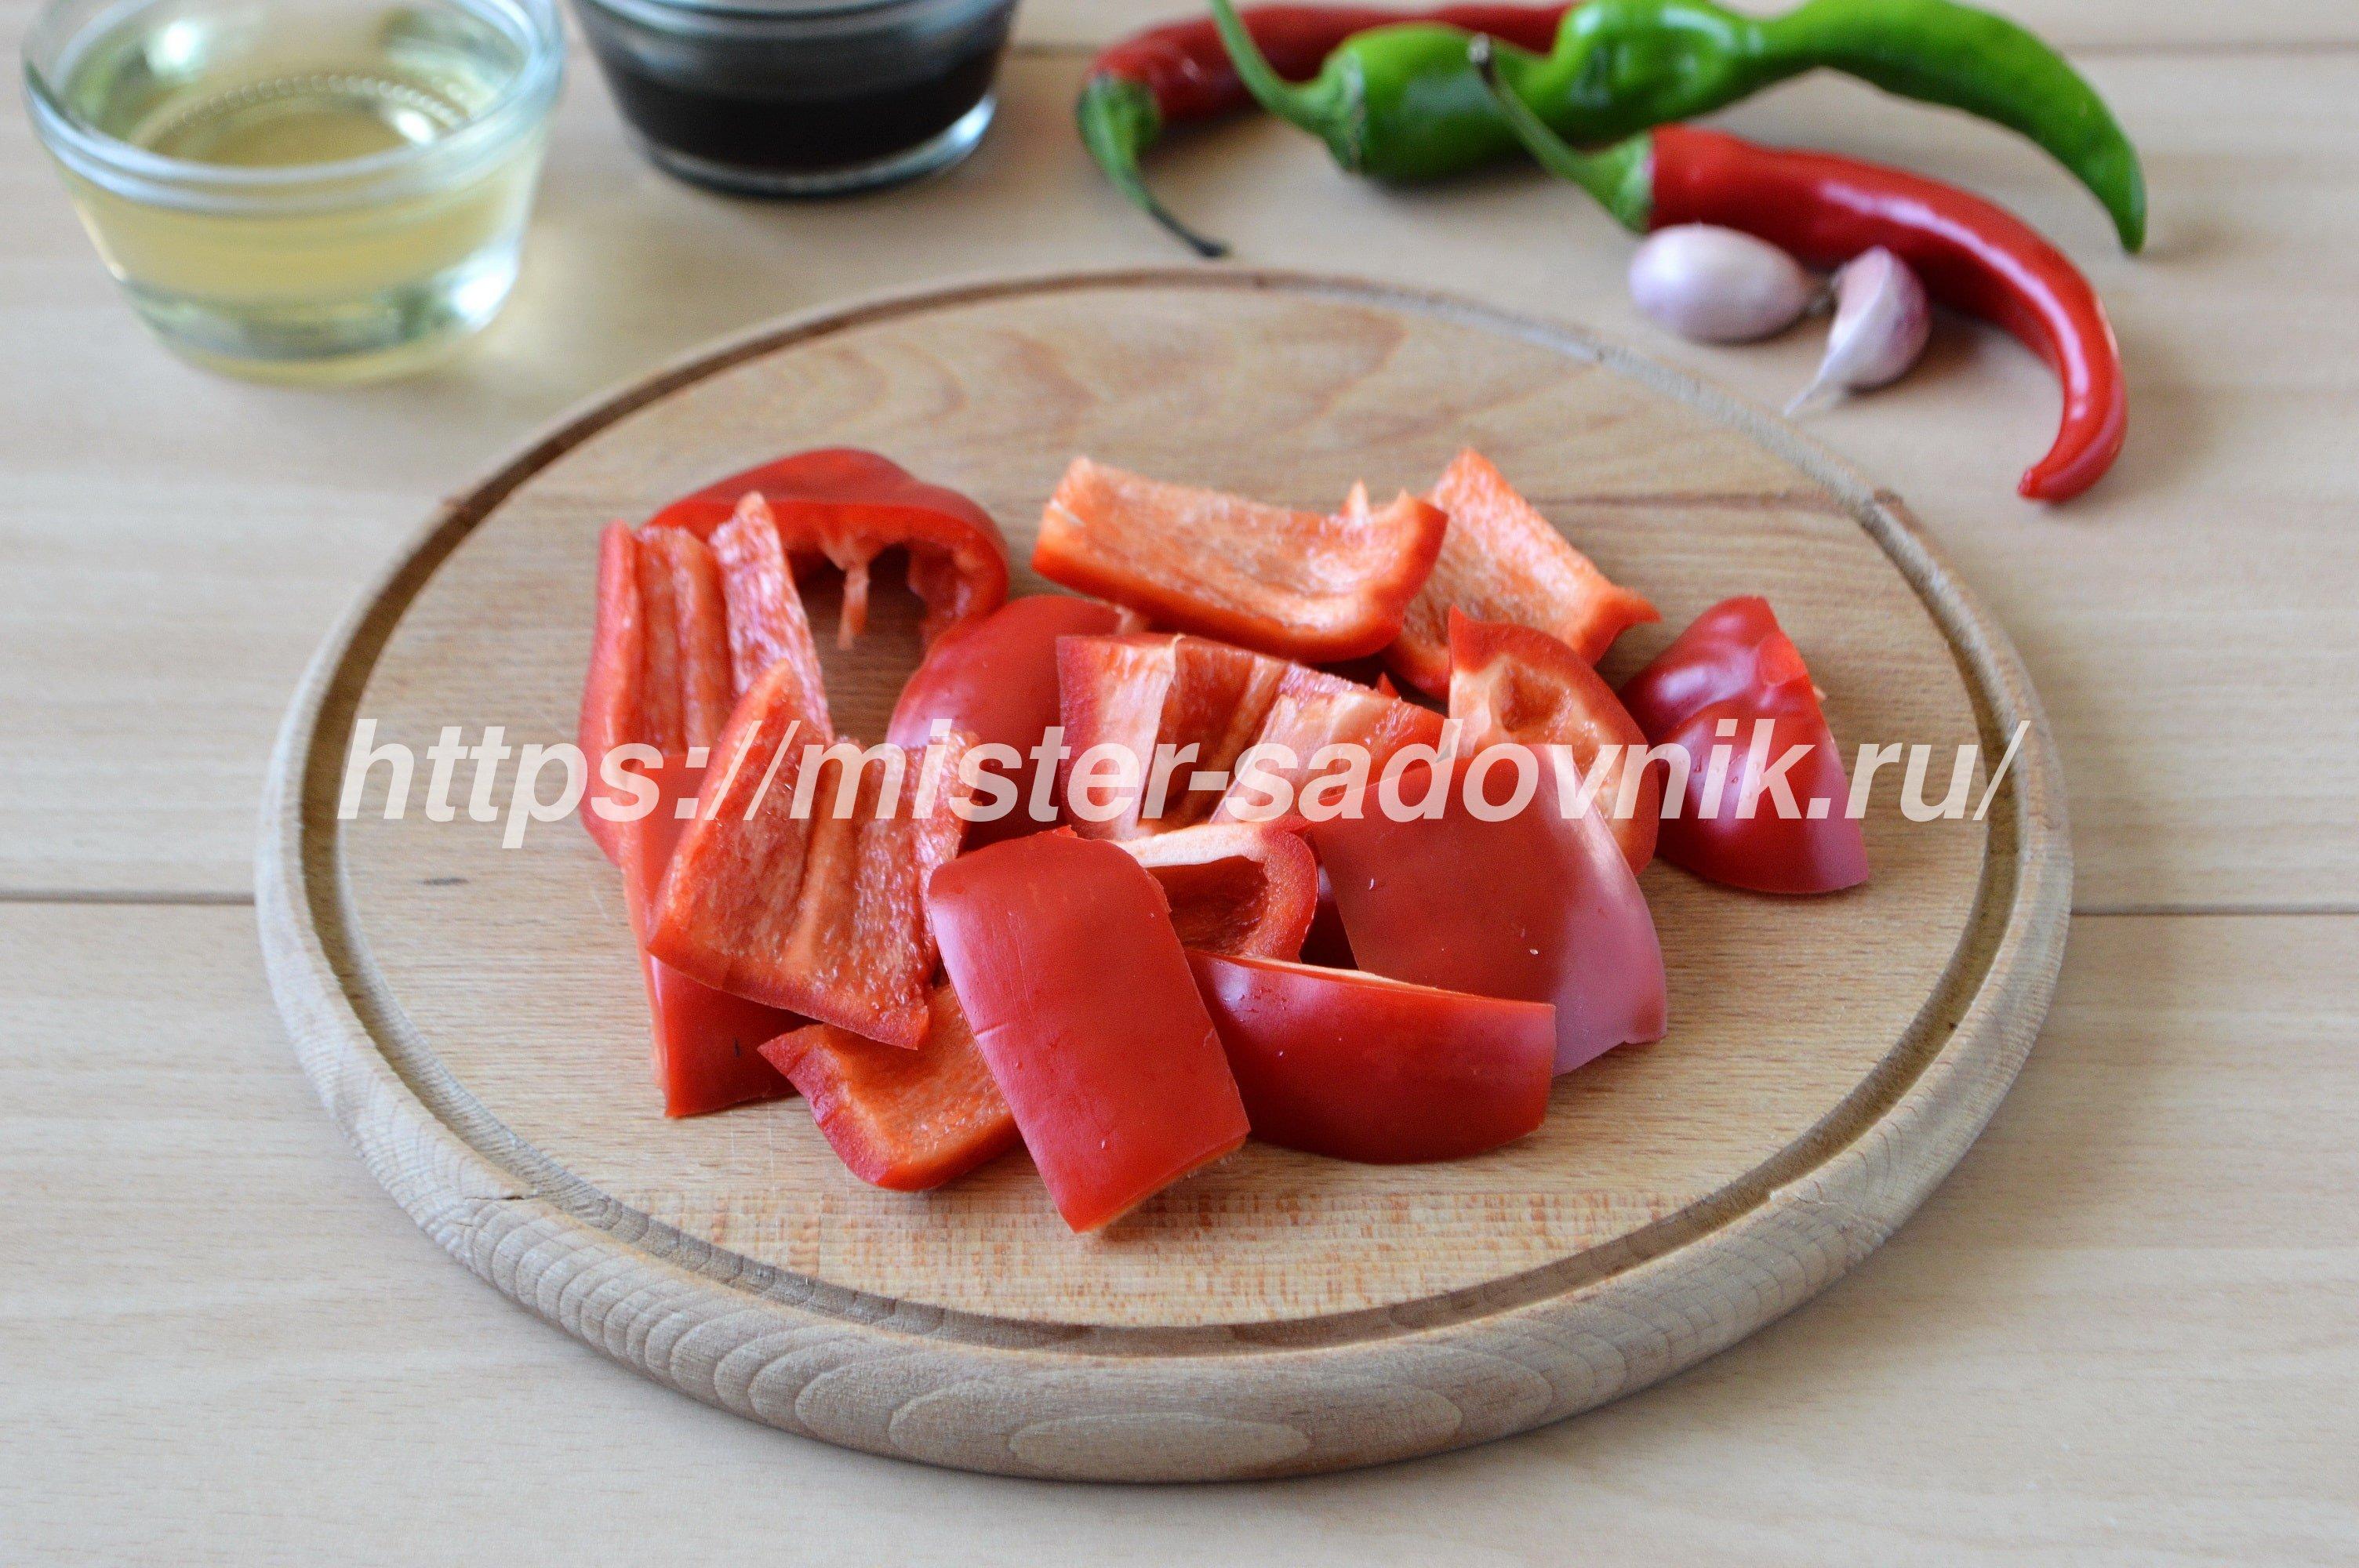 как запечь овощи в духовке вкусно,